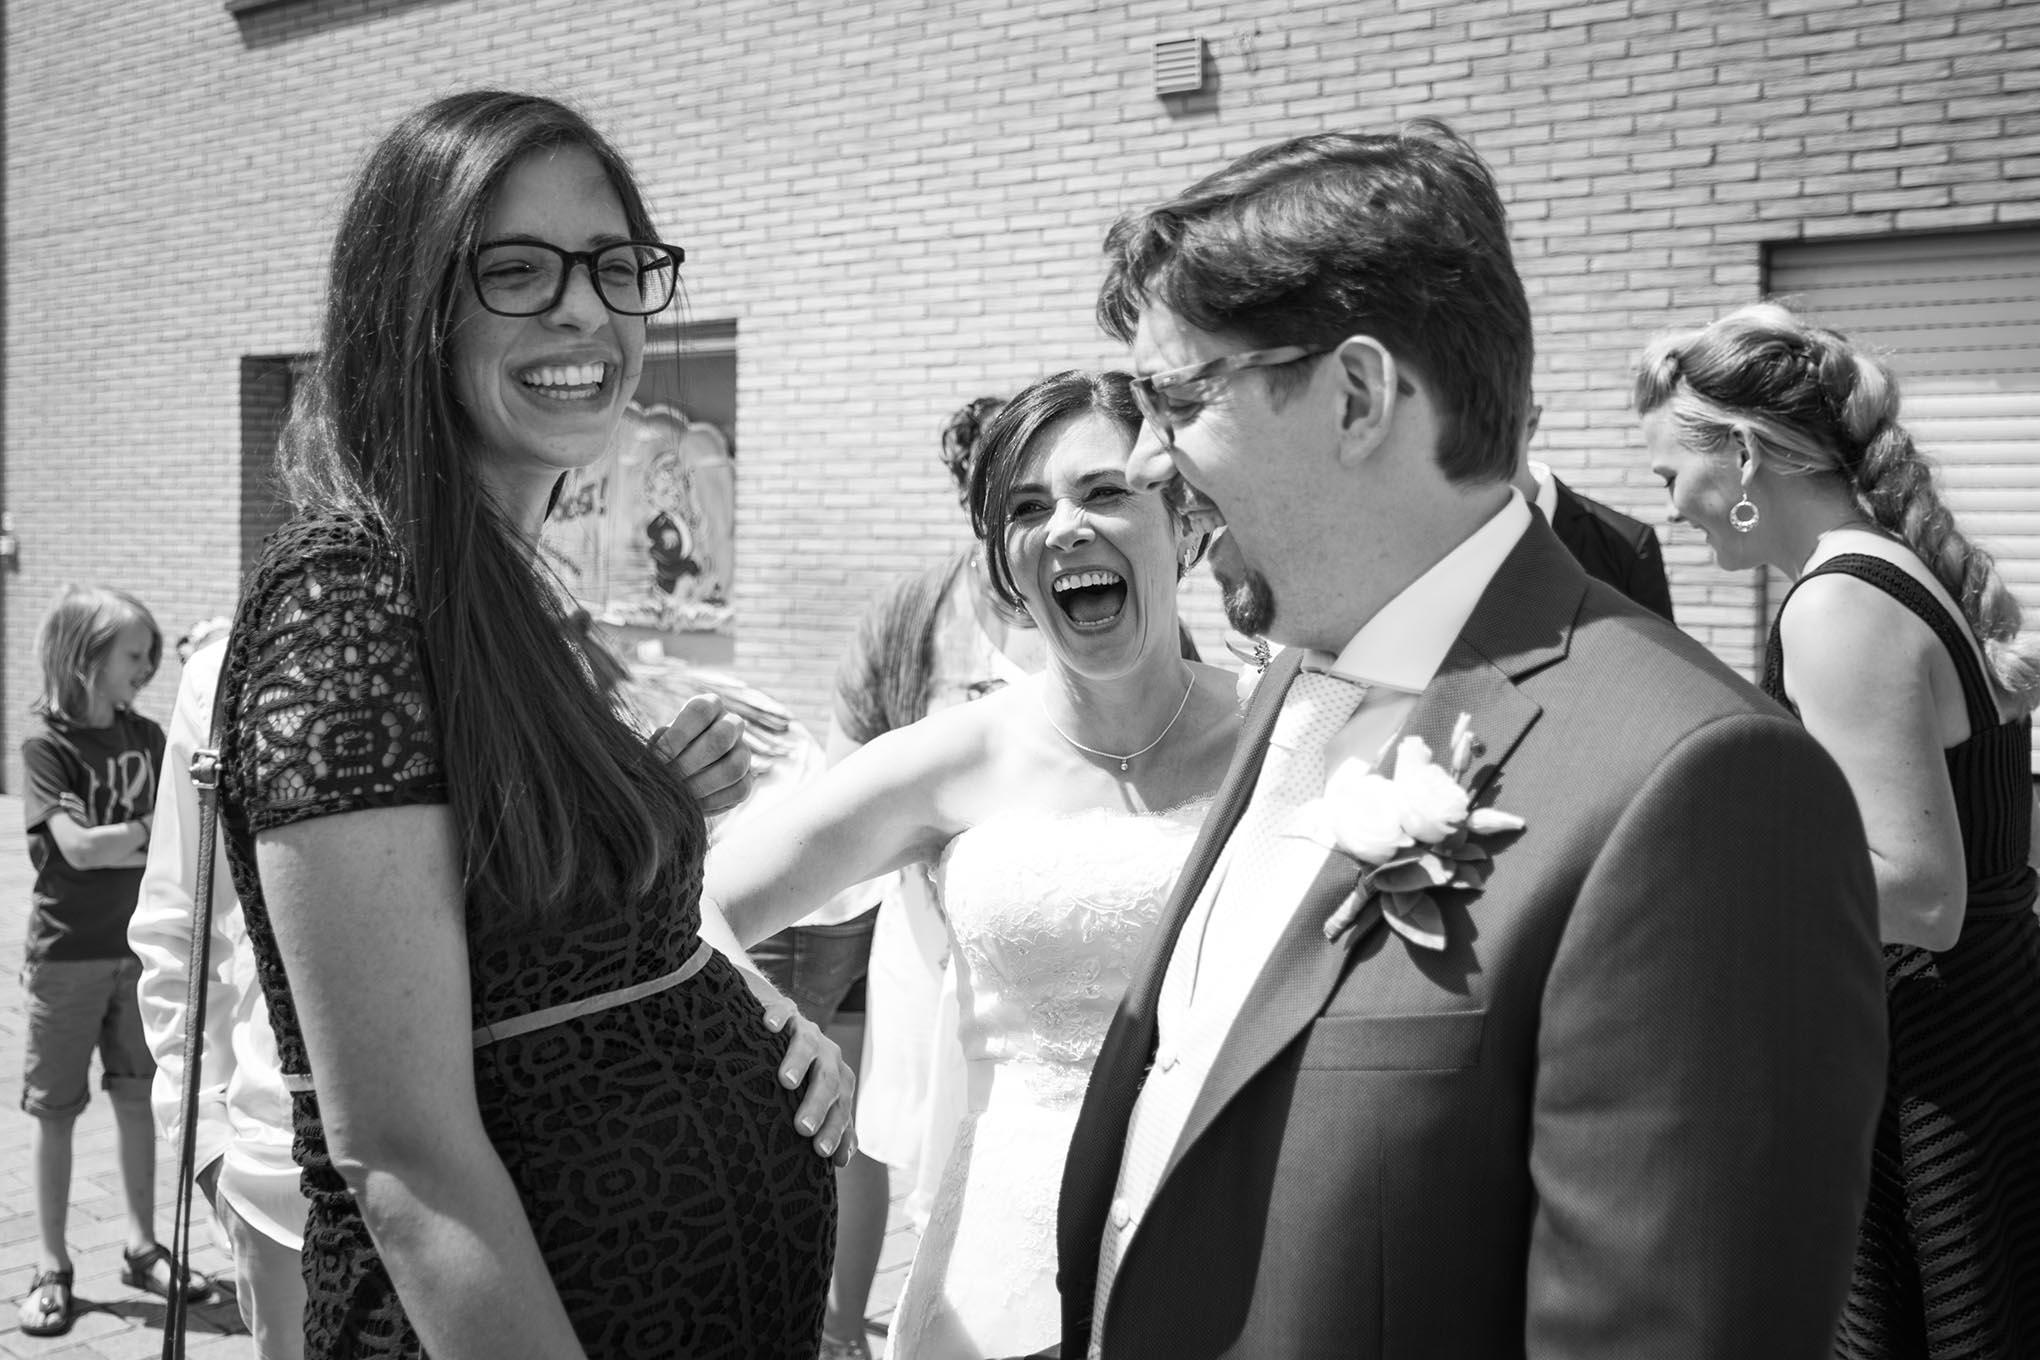 Bruid komt aan de zwangere buik van een vriendin op haar trouwdag, de bruid kijkt lachend toe.